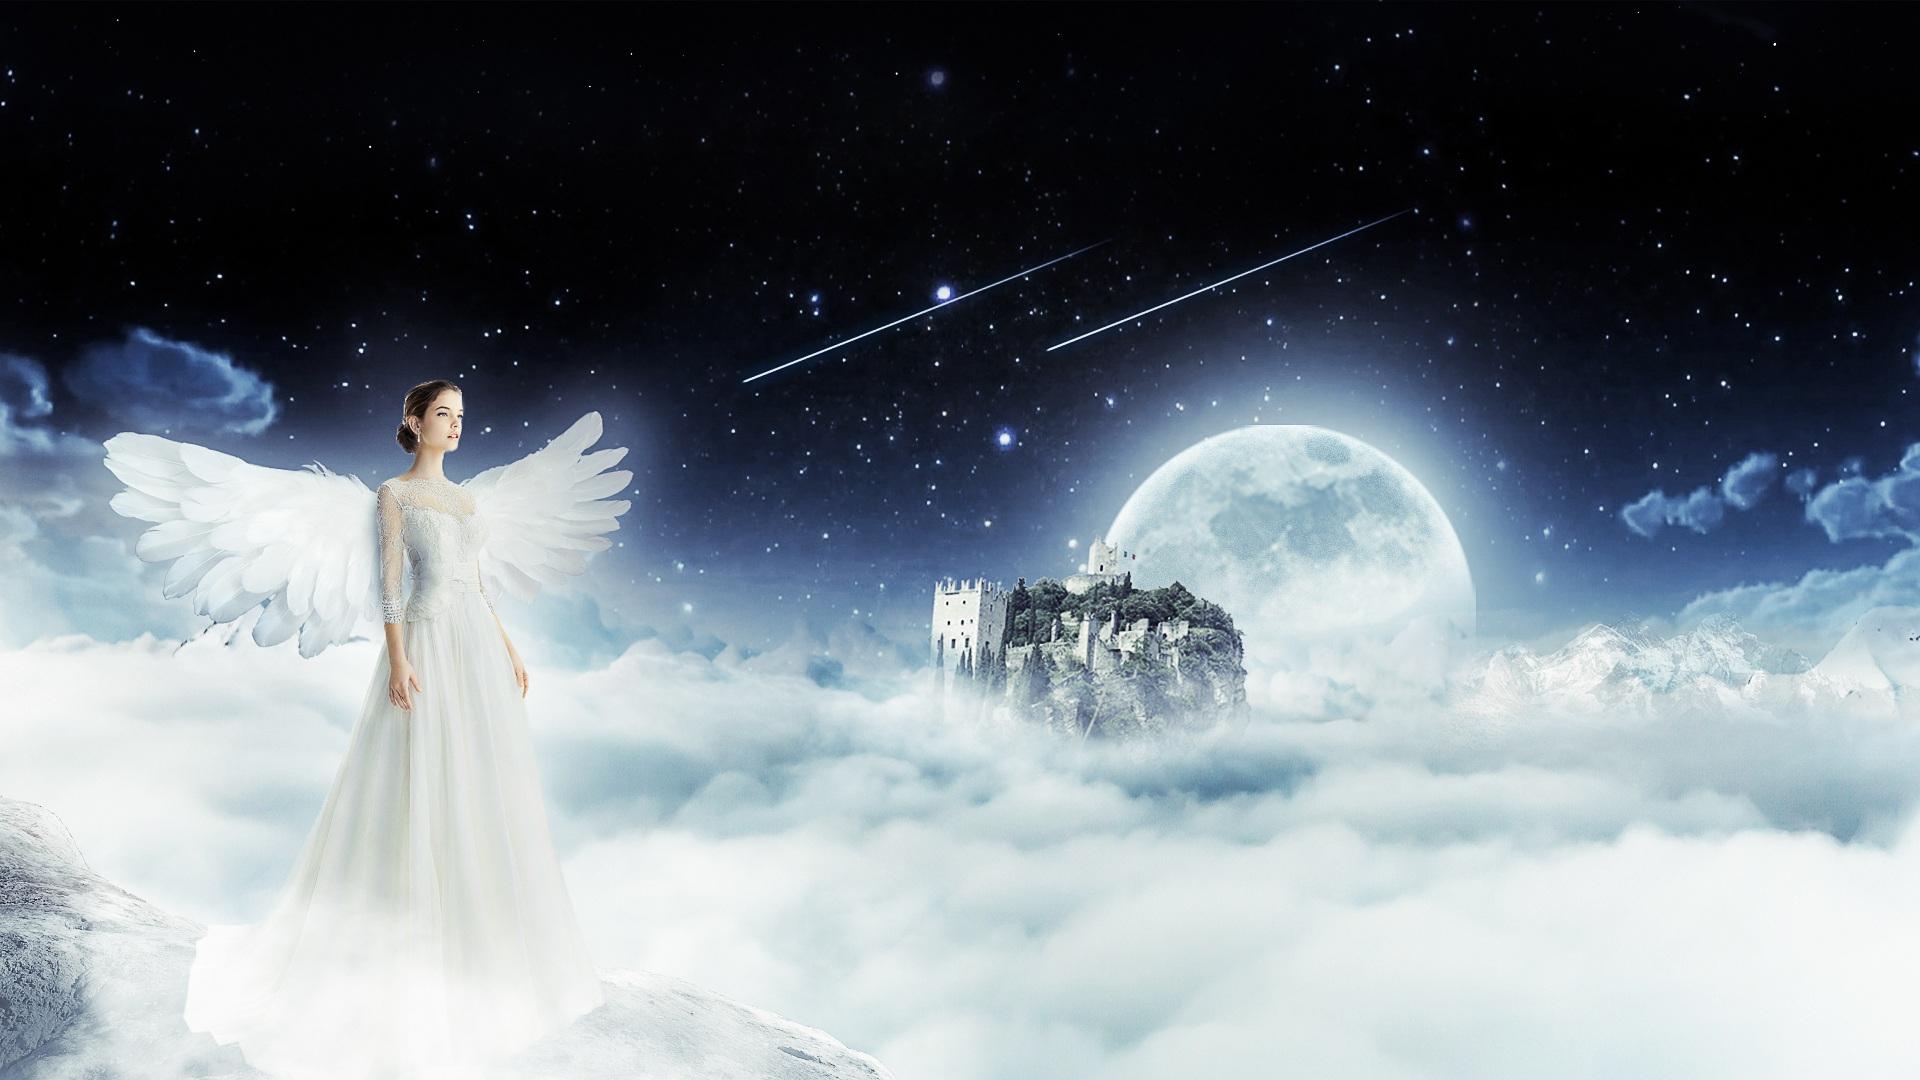 ángel, mujer, cielo, nubes, luna - Fondos de Pantalla HD - professor-falken.com